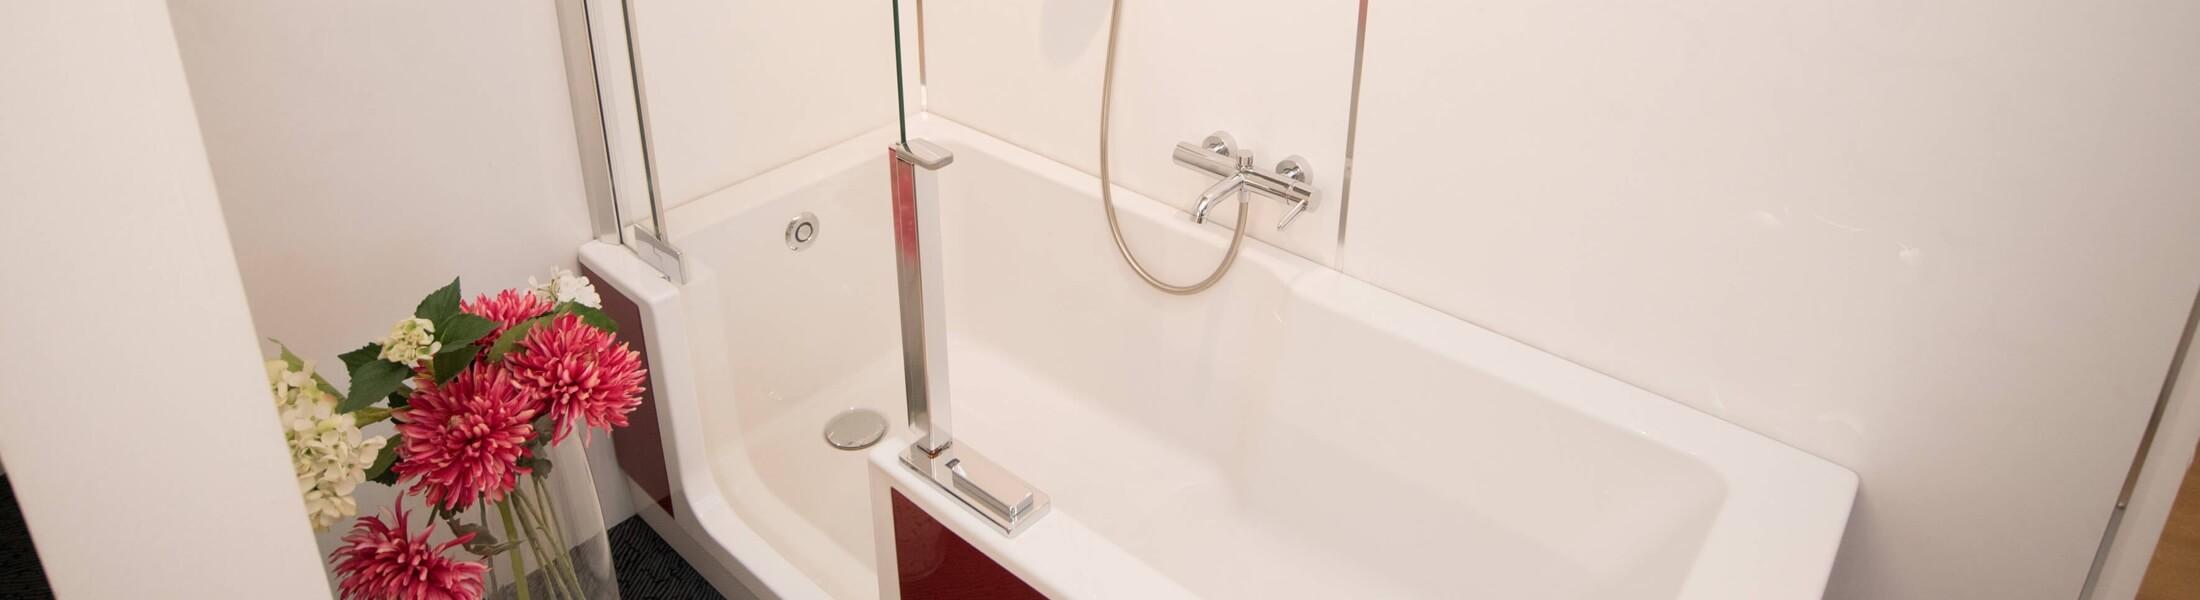 Innovative Lösungsvorschläge in der Heizungs- und Sanitärtechnik